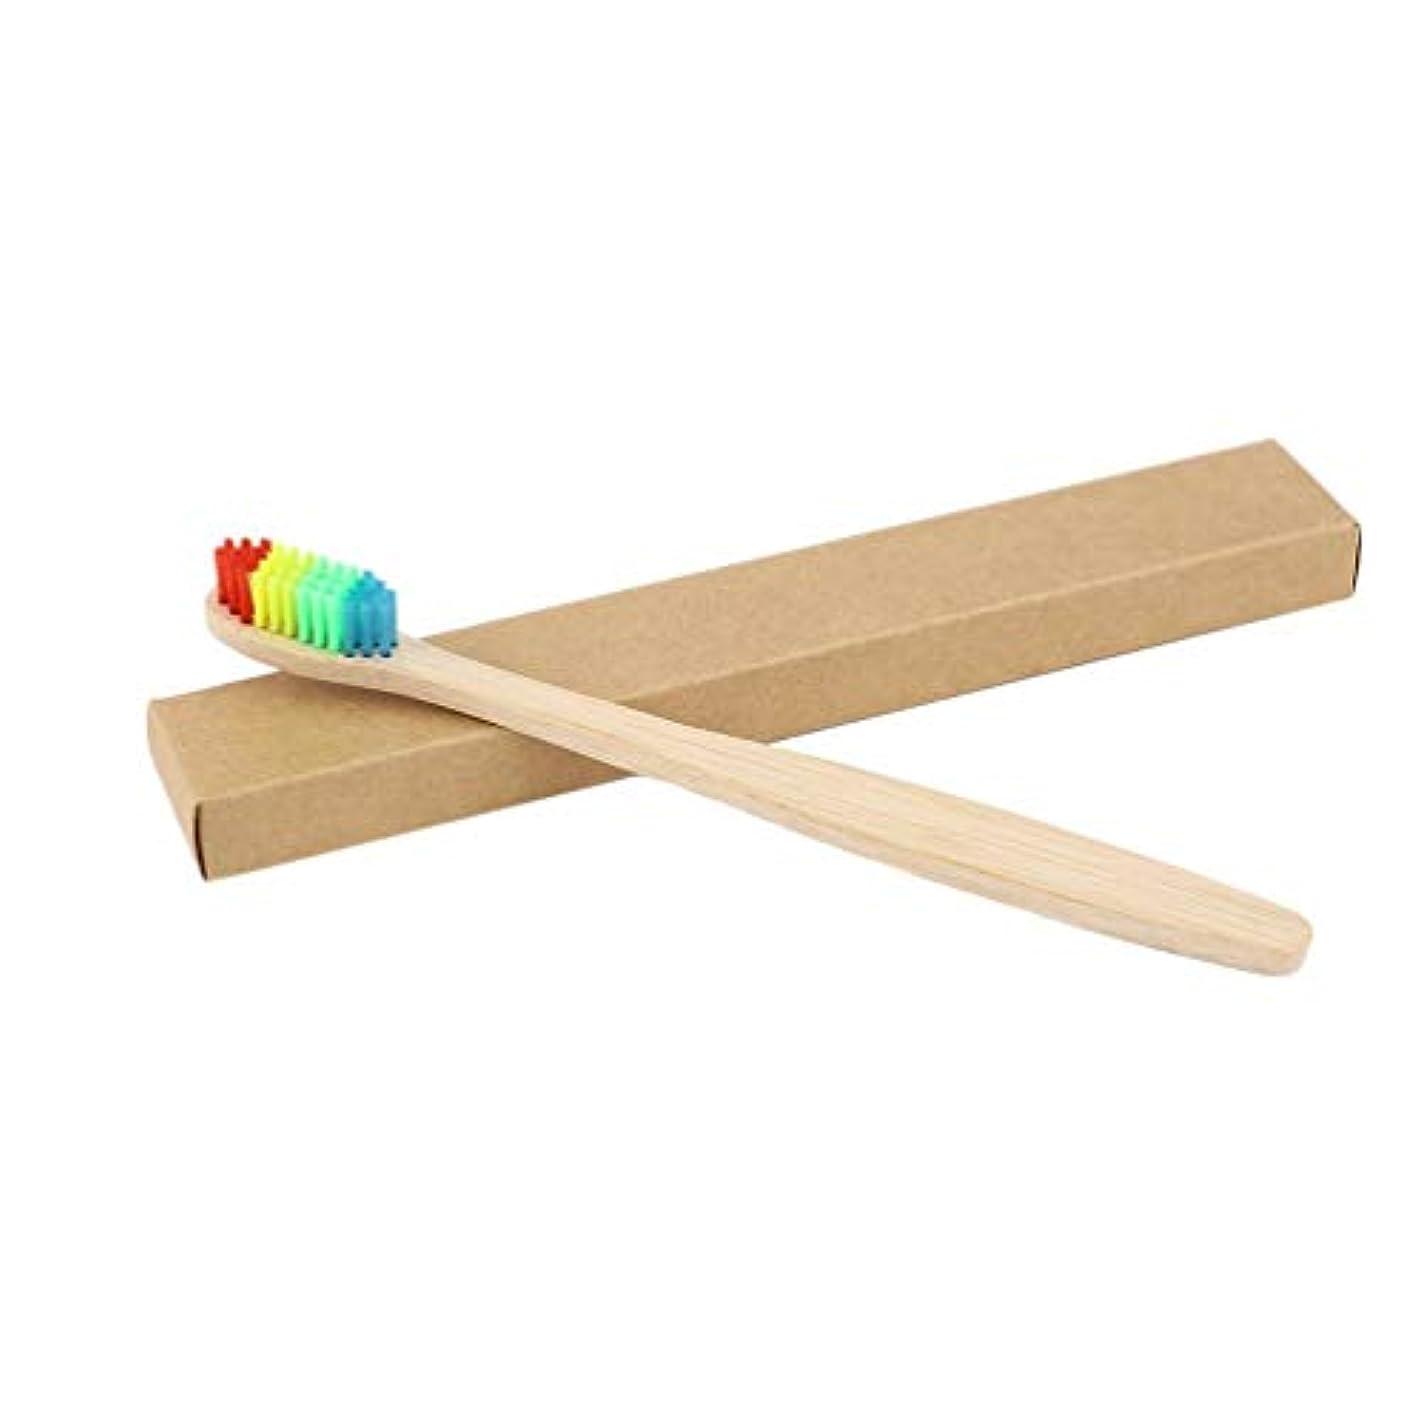 出します利用可能原子カラフルな髪+竹のハンドル歯ブラシ環境木製の虹竹の歯ブラシオーラルケアソフト剛毛ユニセックス - ウッドカラー+カラフル